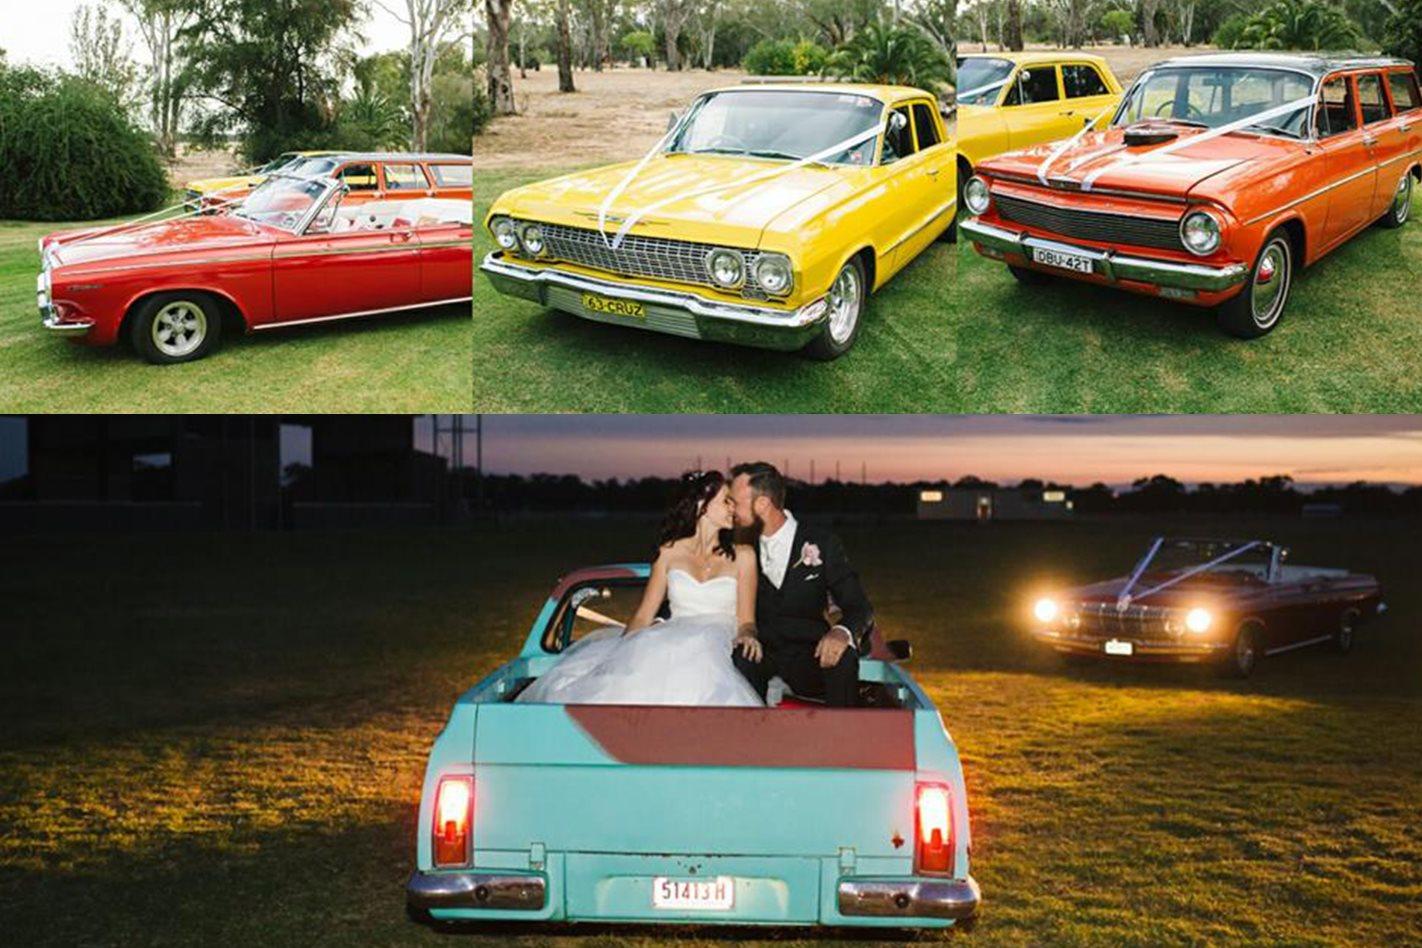 John Haig wedding cars